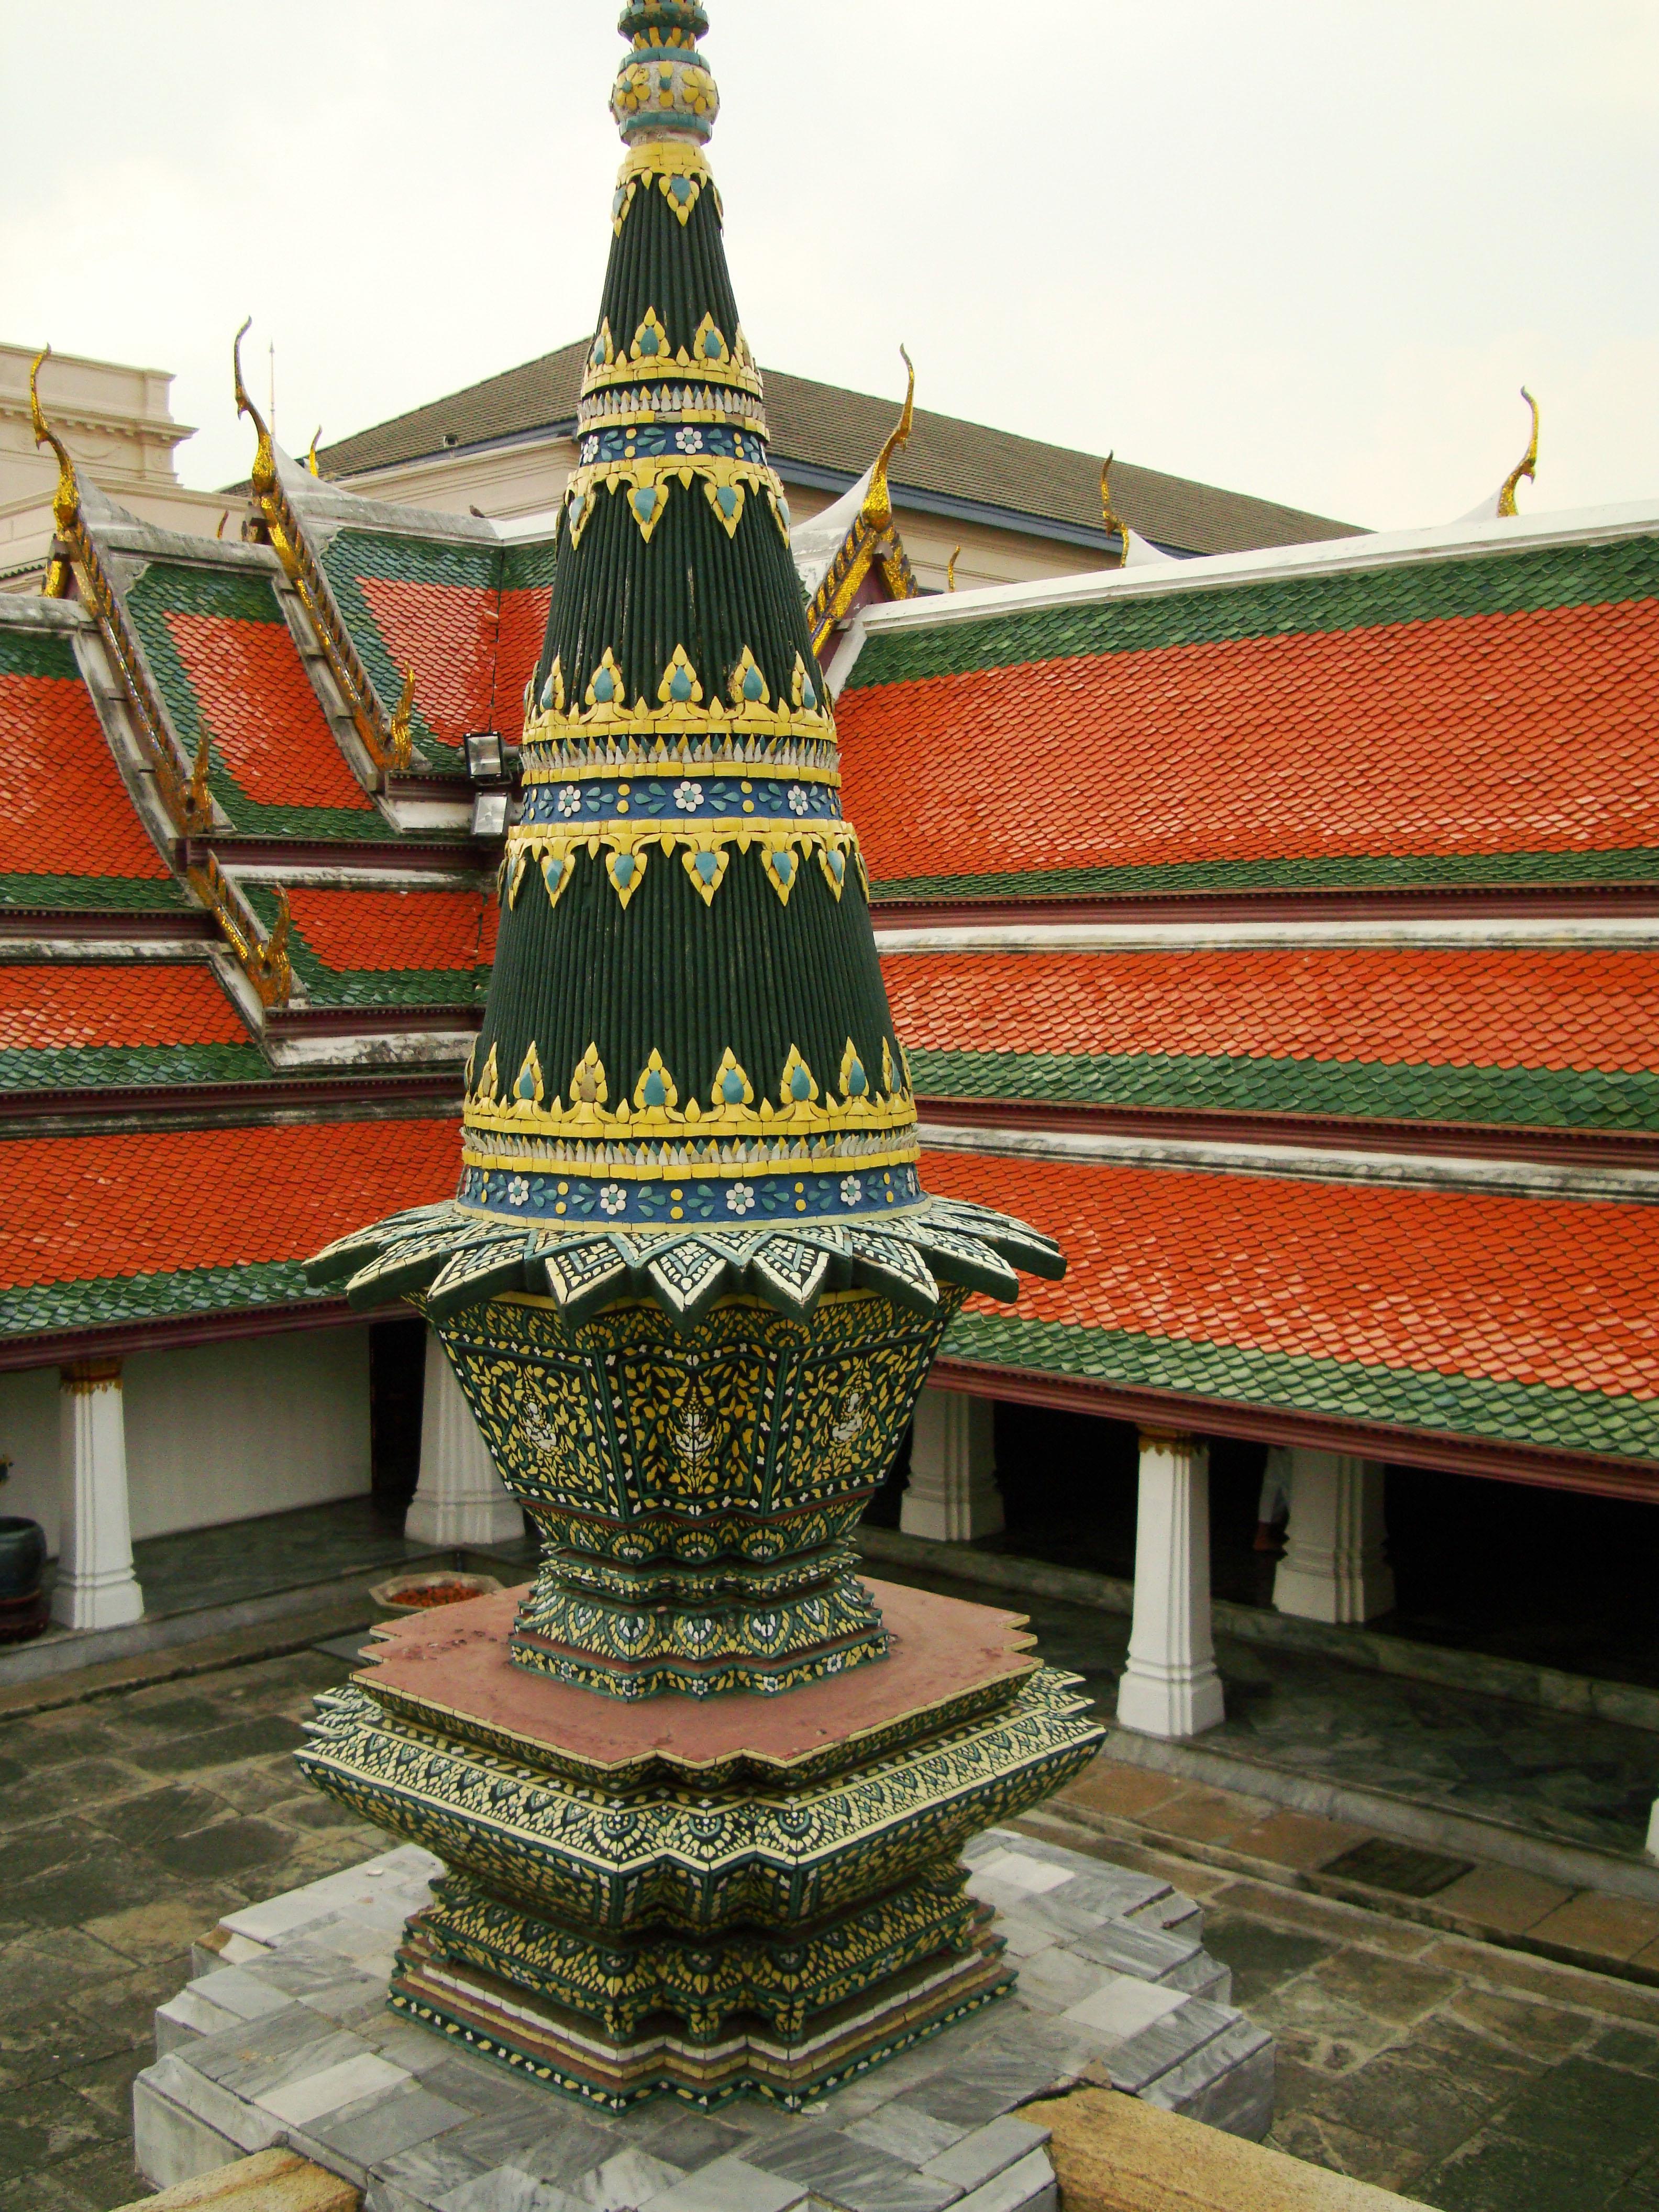 Grand Palace Phra Borom Maha Ratcha Wang Bangkok Thailand 28